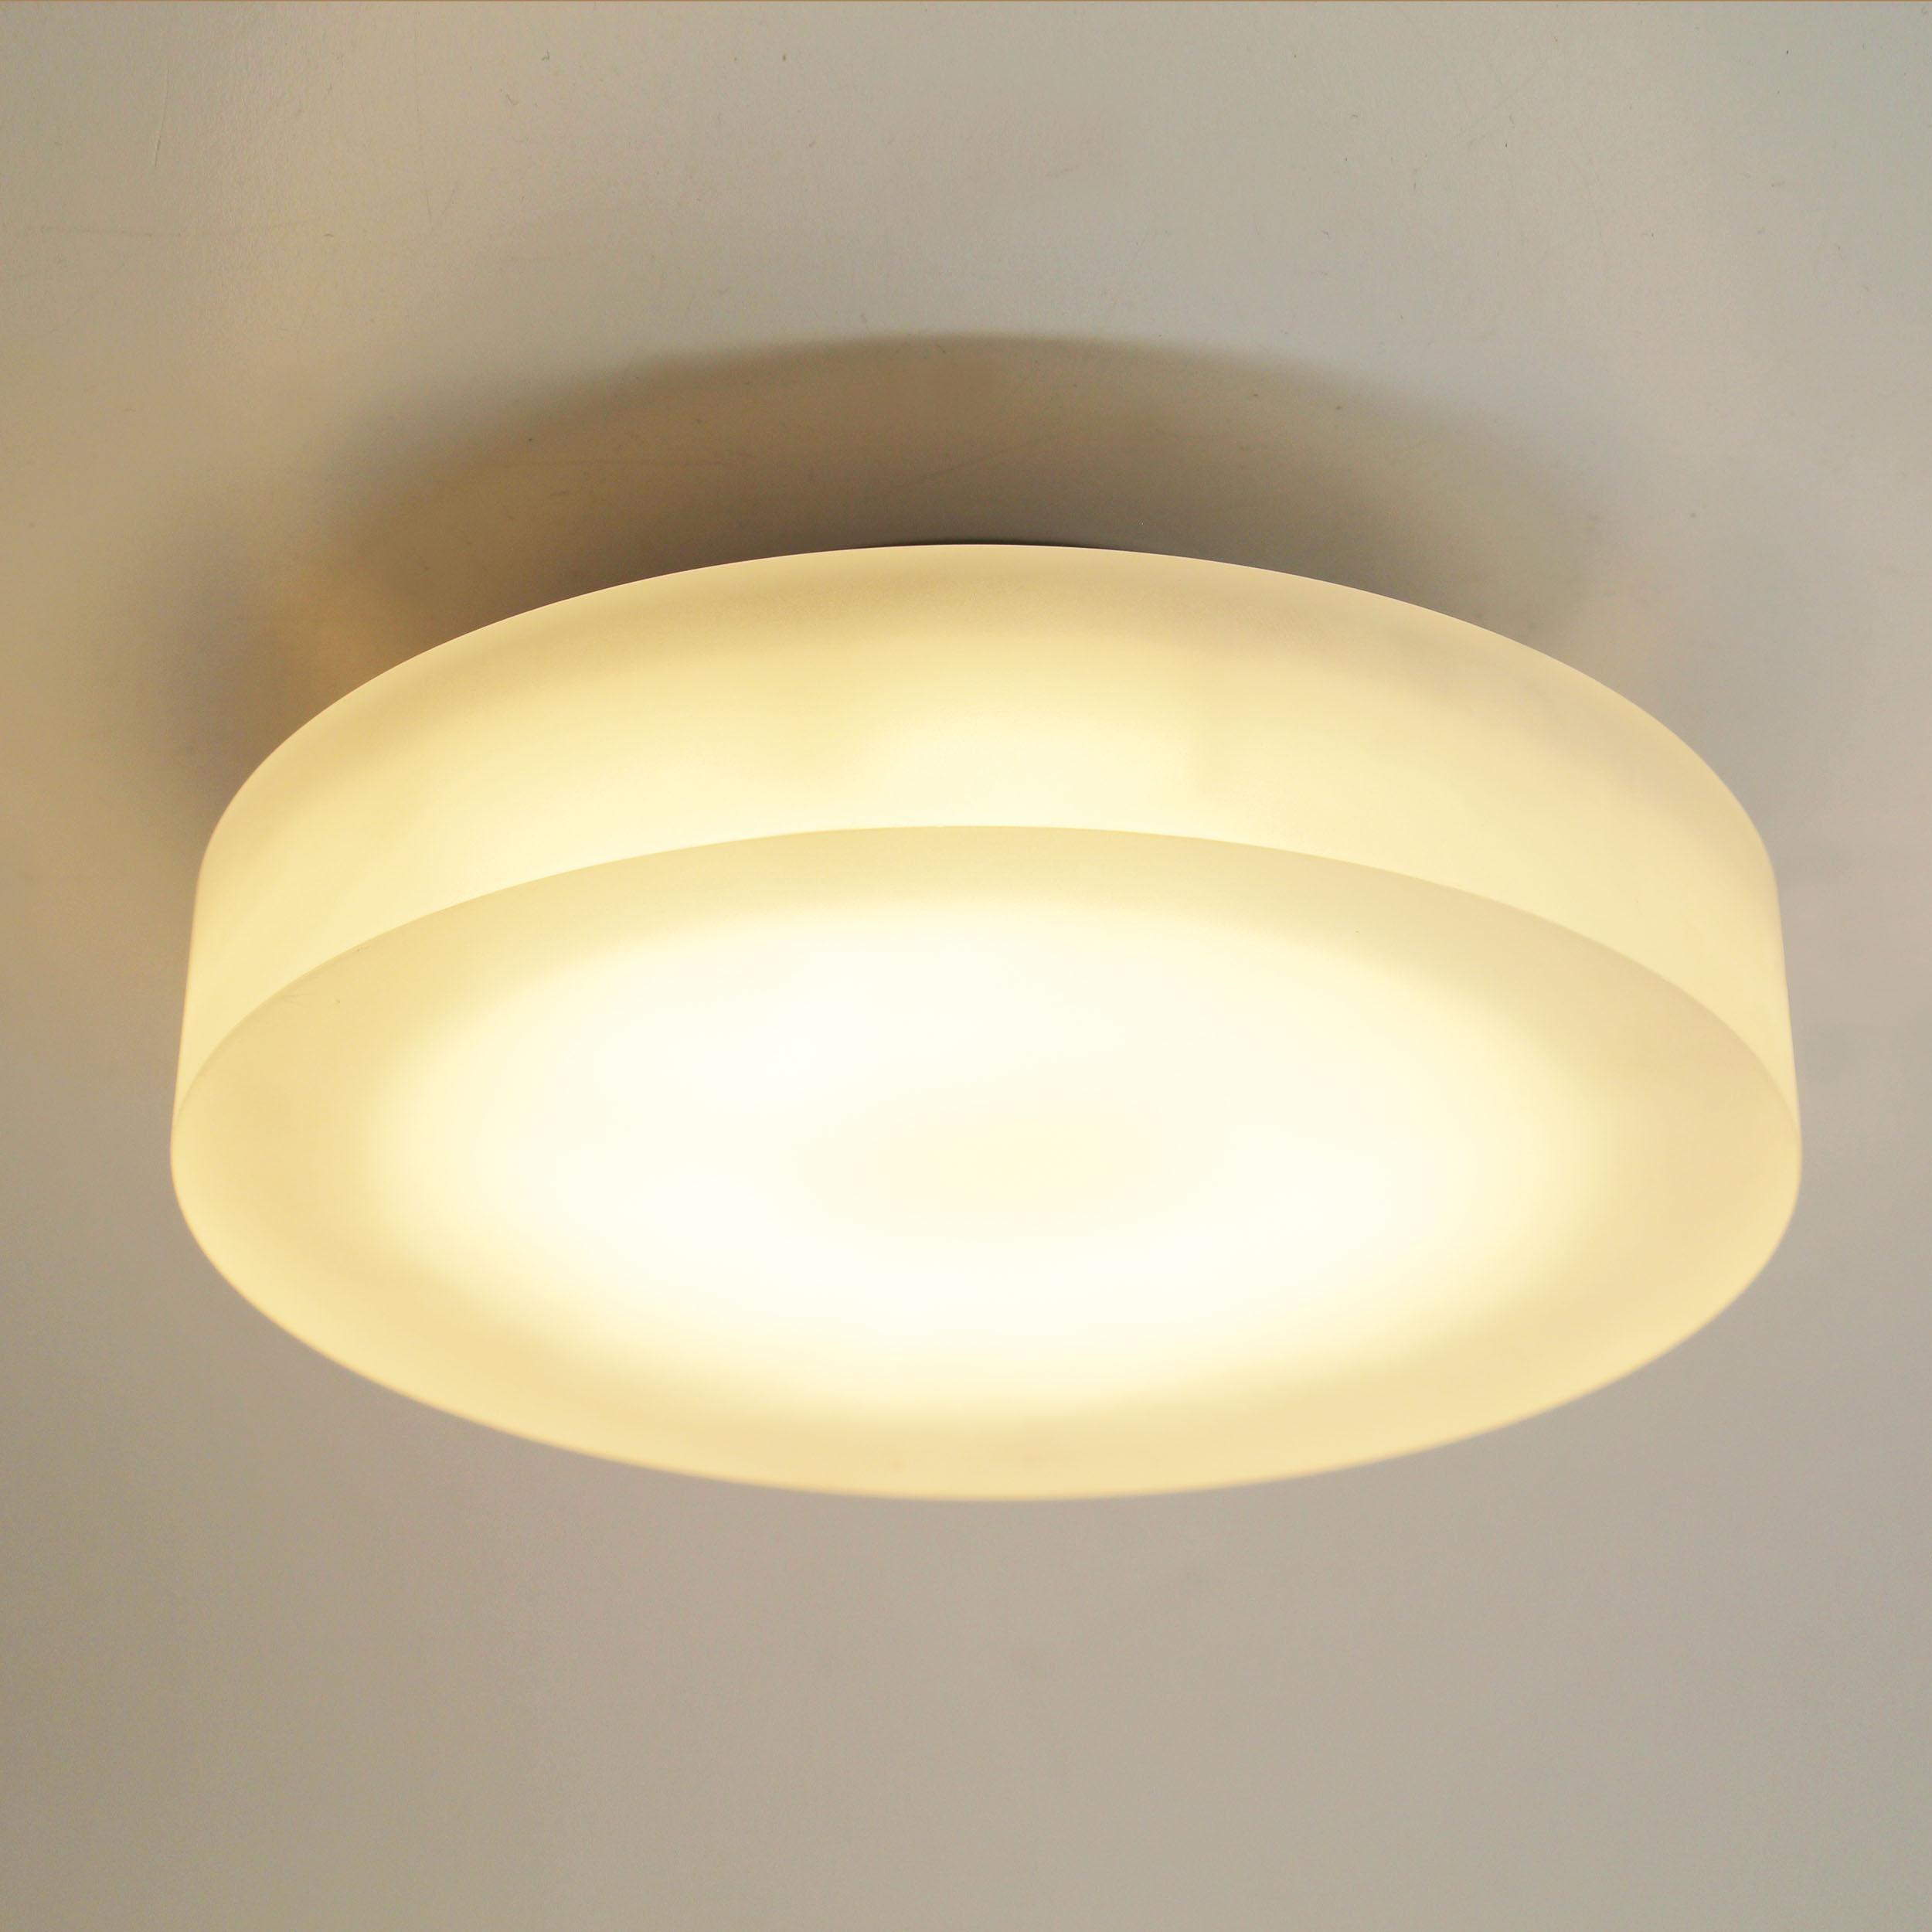 Allround Flat LED Wand- und Deckenleuchte